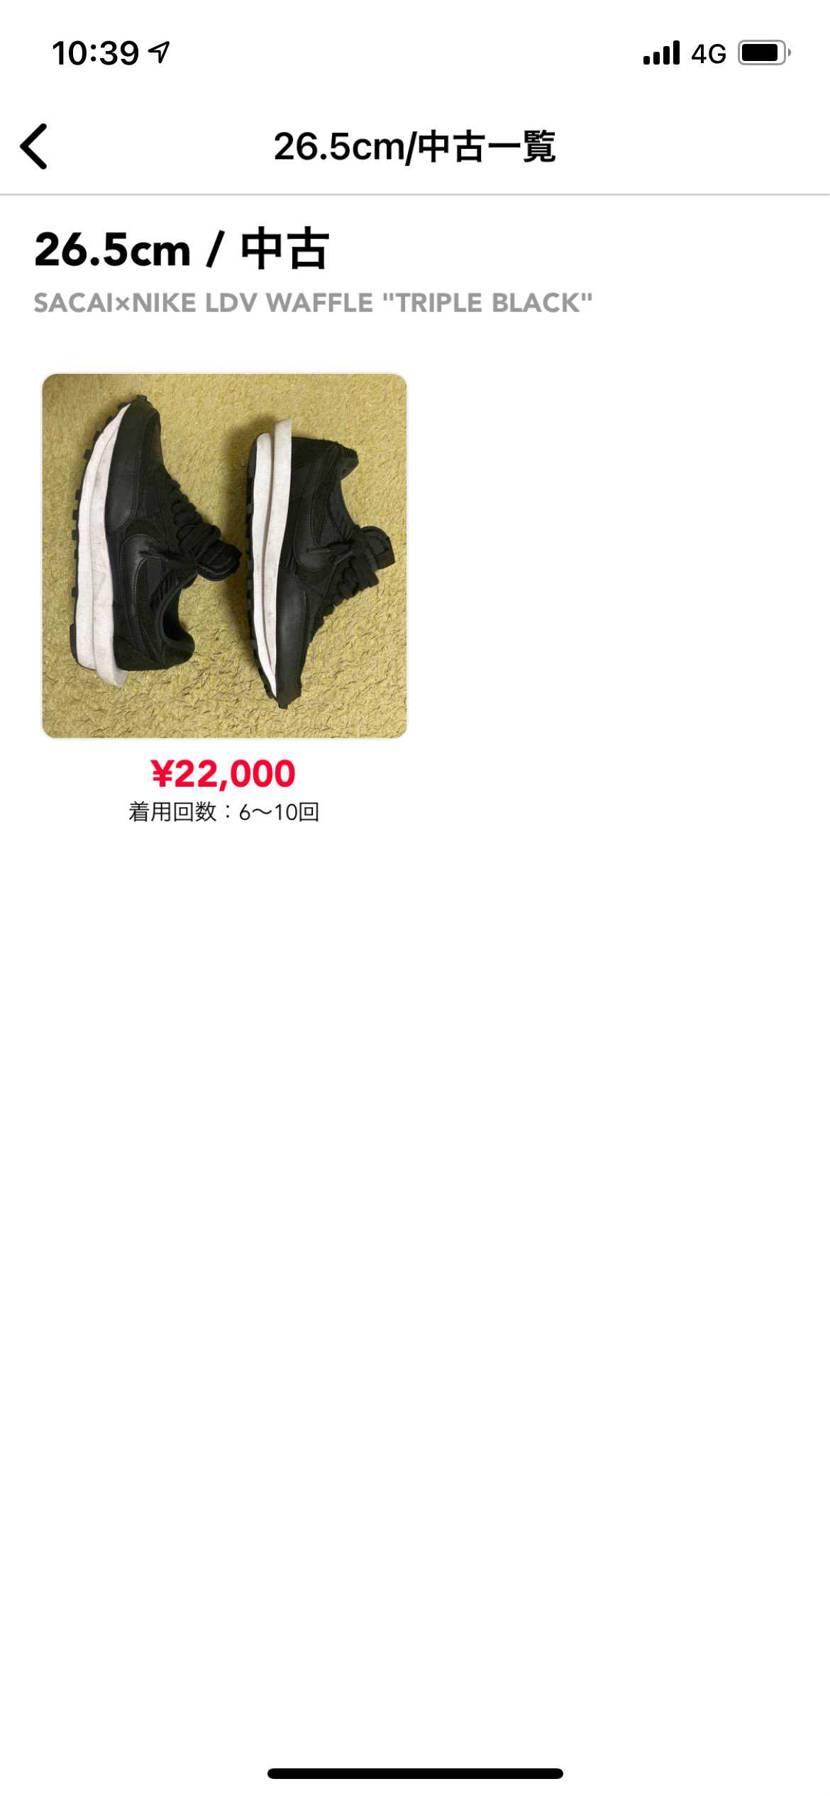 sacai LDwafful  中古で販売しました! 最安値の22000円